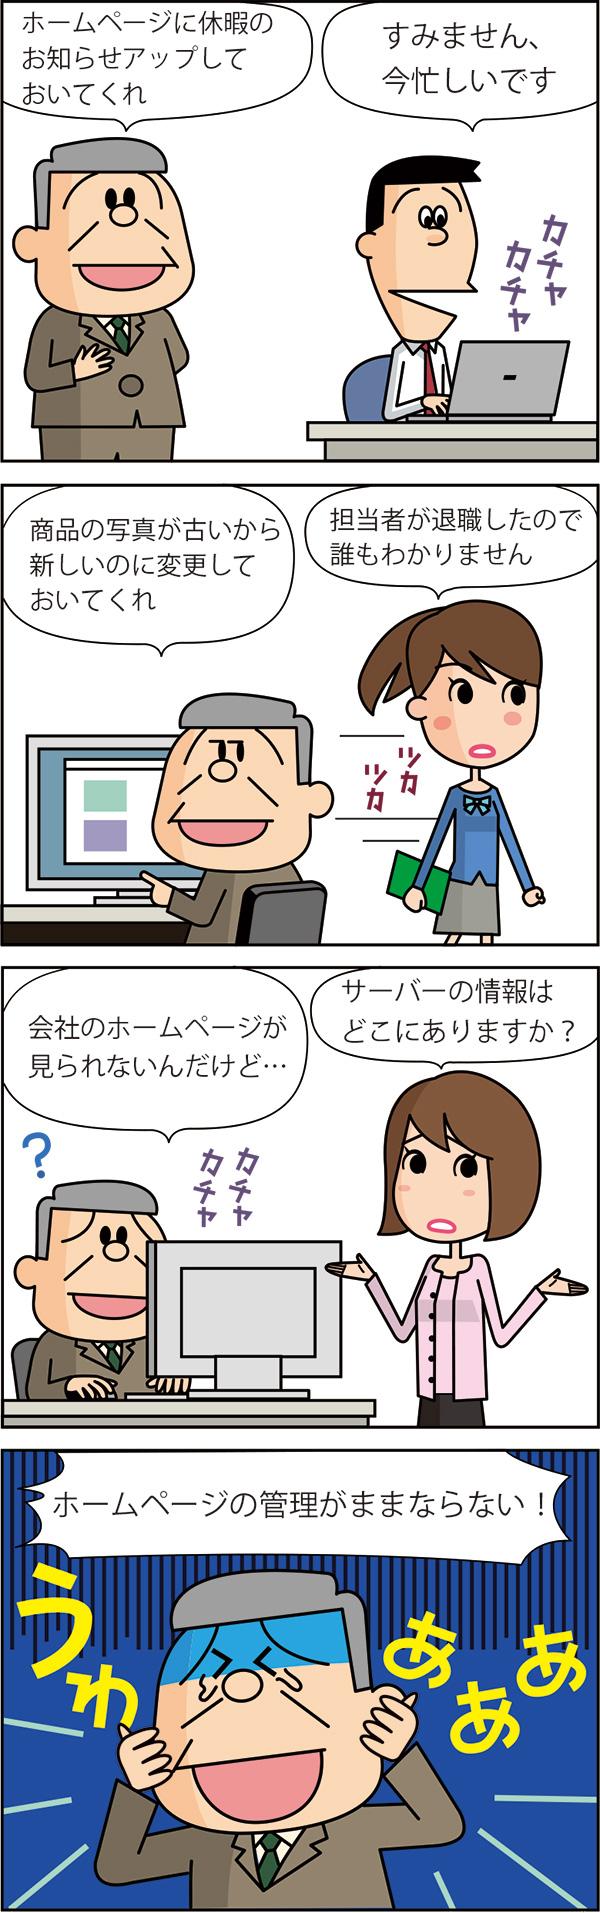 ホームページ管理に関するLP4コマ漫画[画像1]